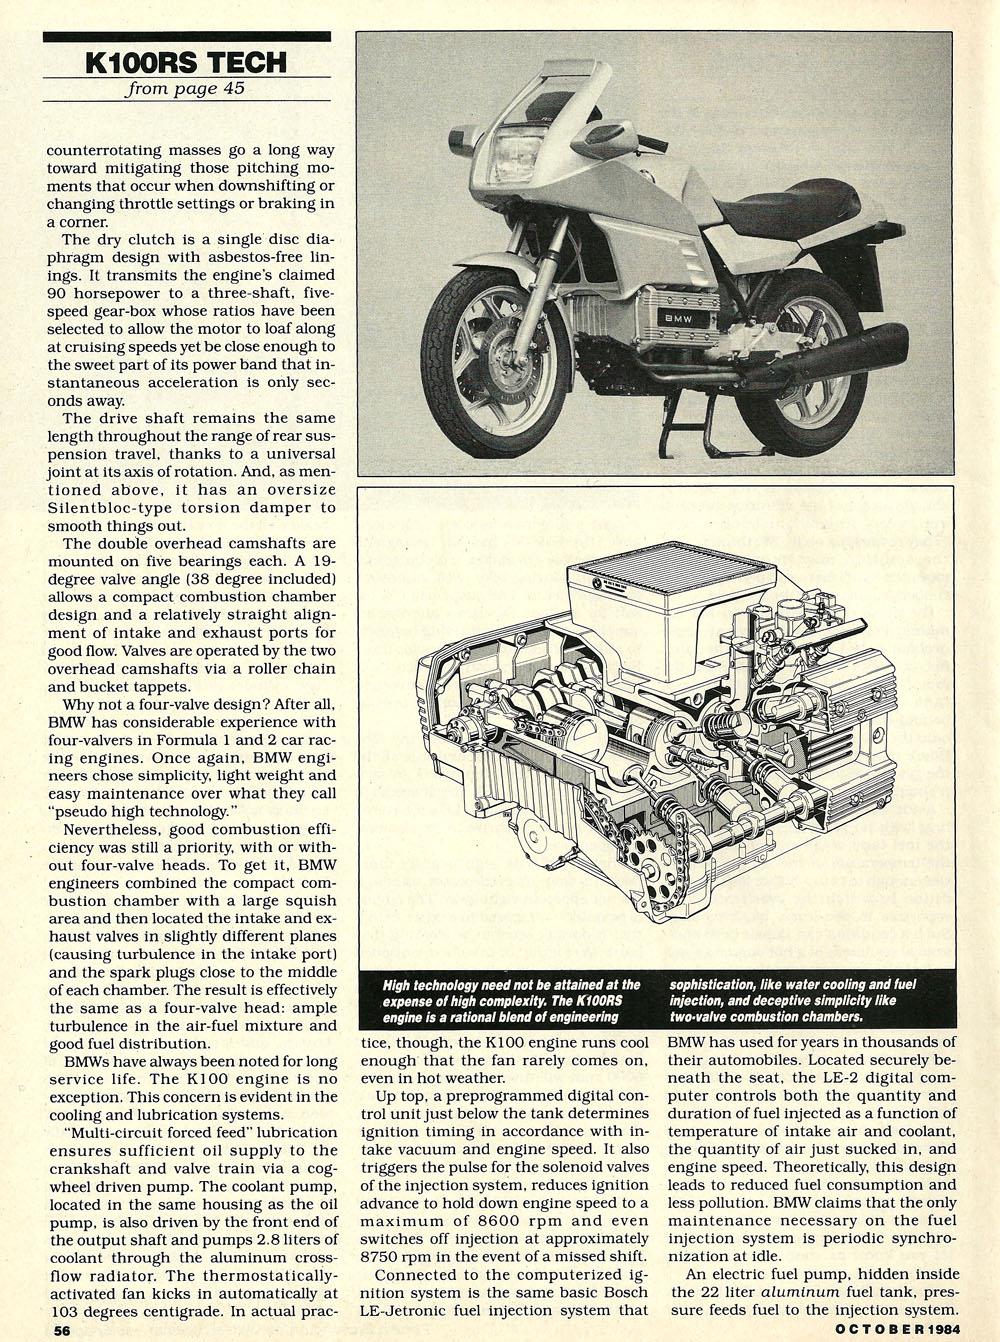 1984 bmw k100rs tech 02.jpg